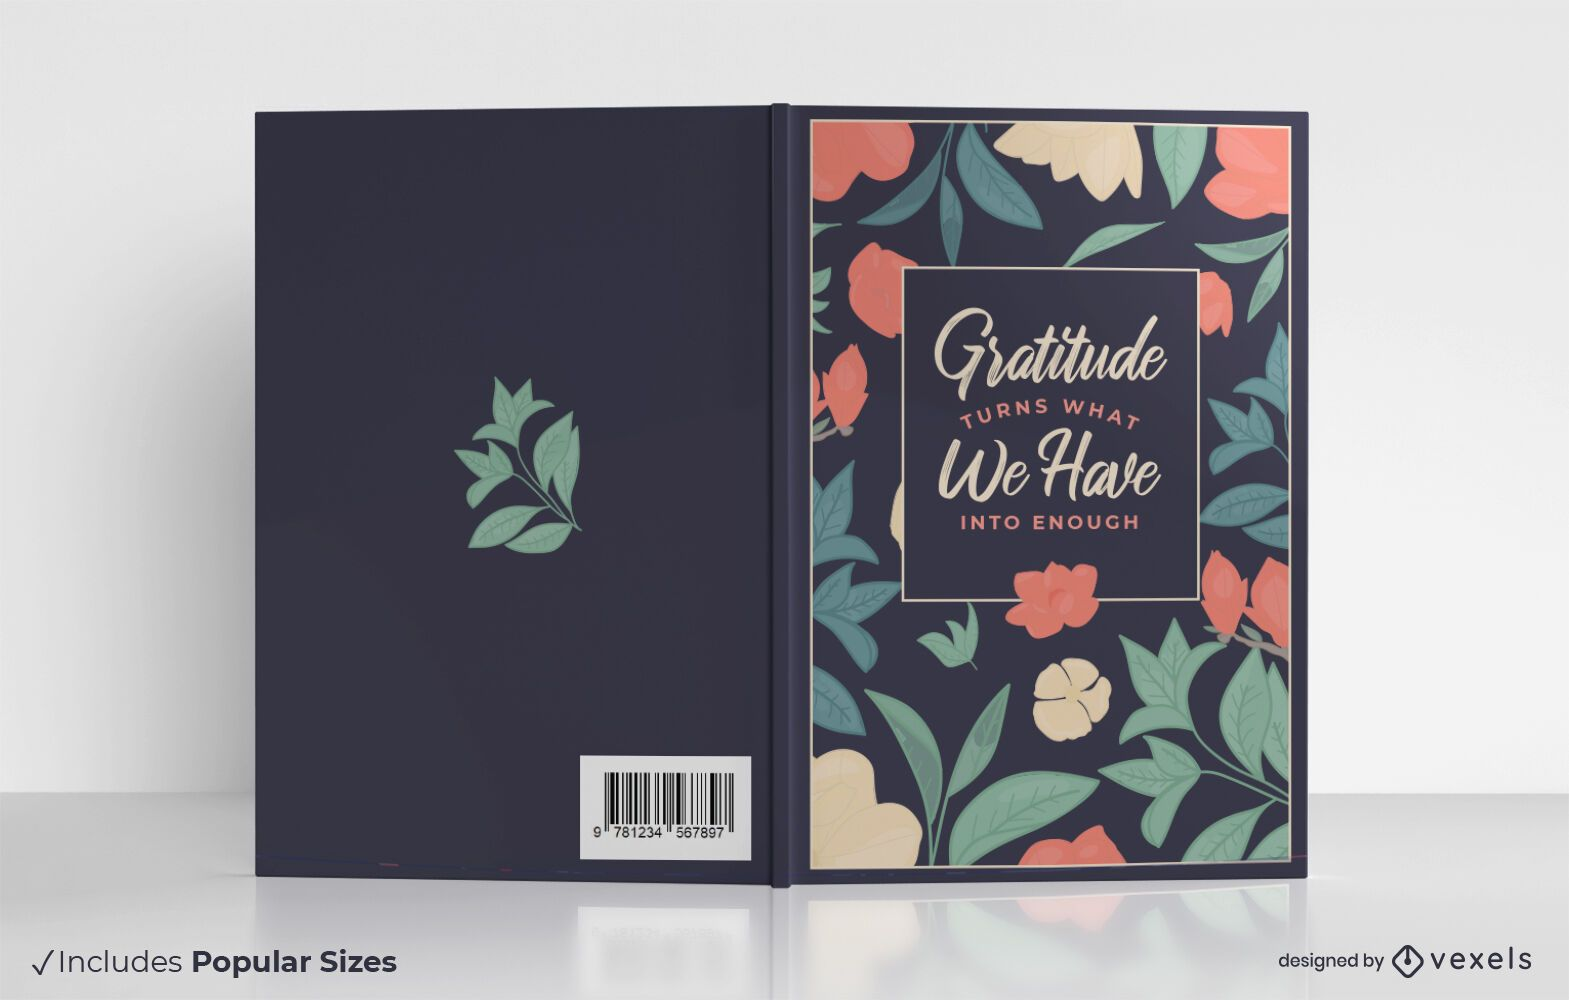 Gratitude quote book cover design